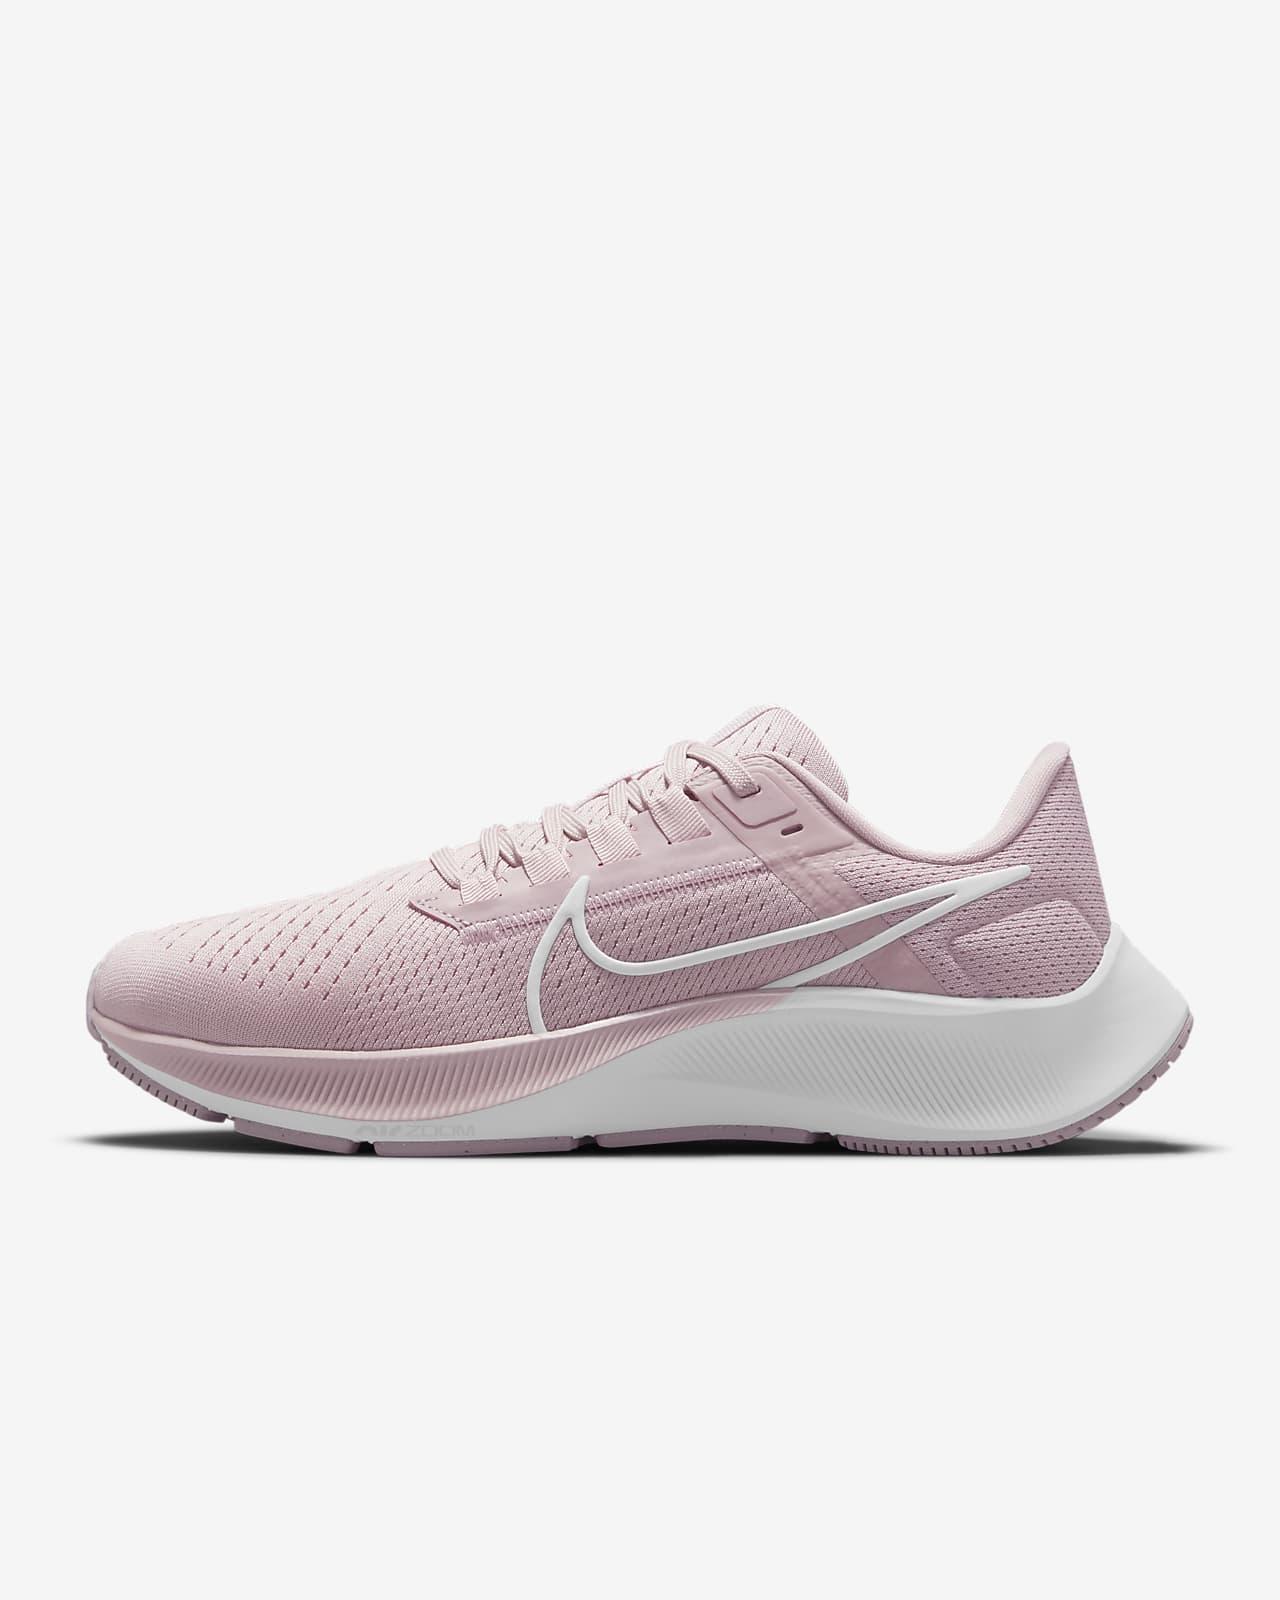 Calzado de running en carretera para mujer Nike Air Zoom Pegasus 38